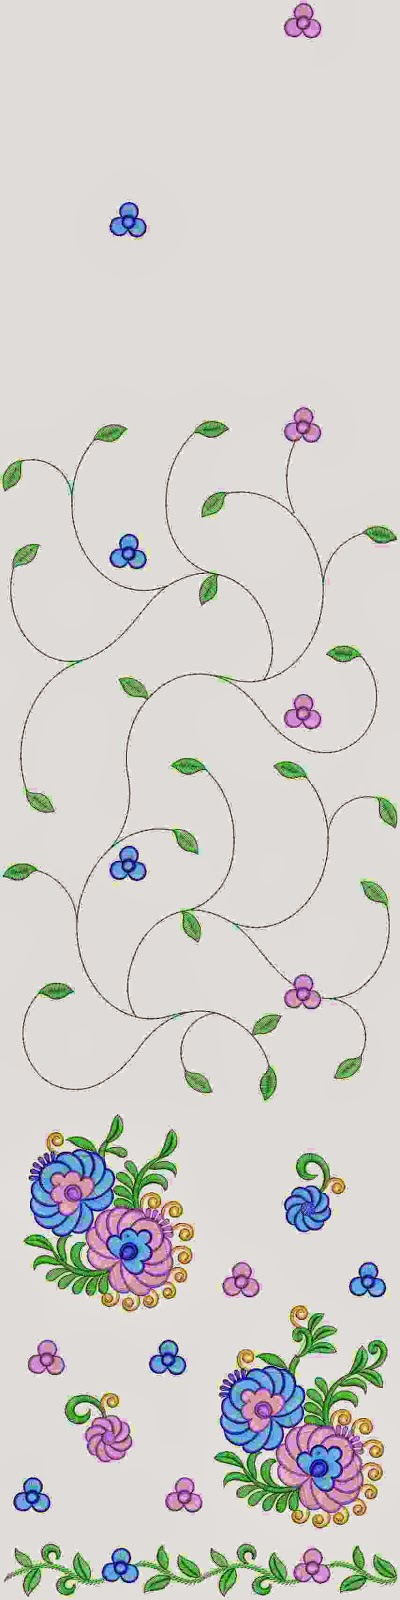 blomme Applique meng Multi Sari ontwerp